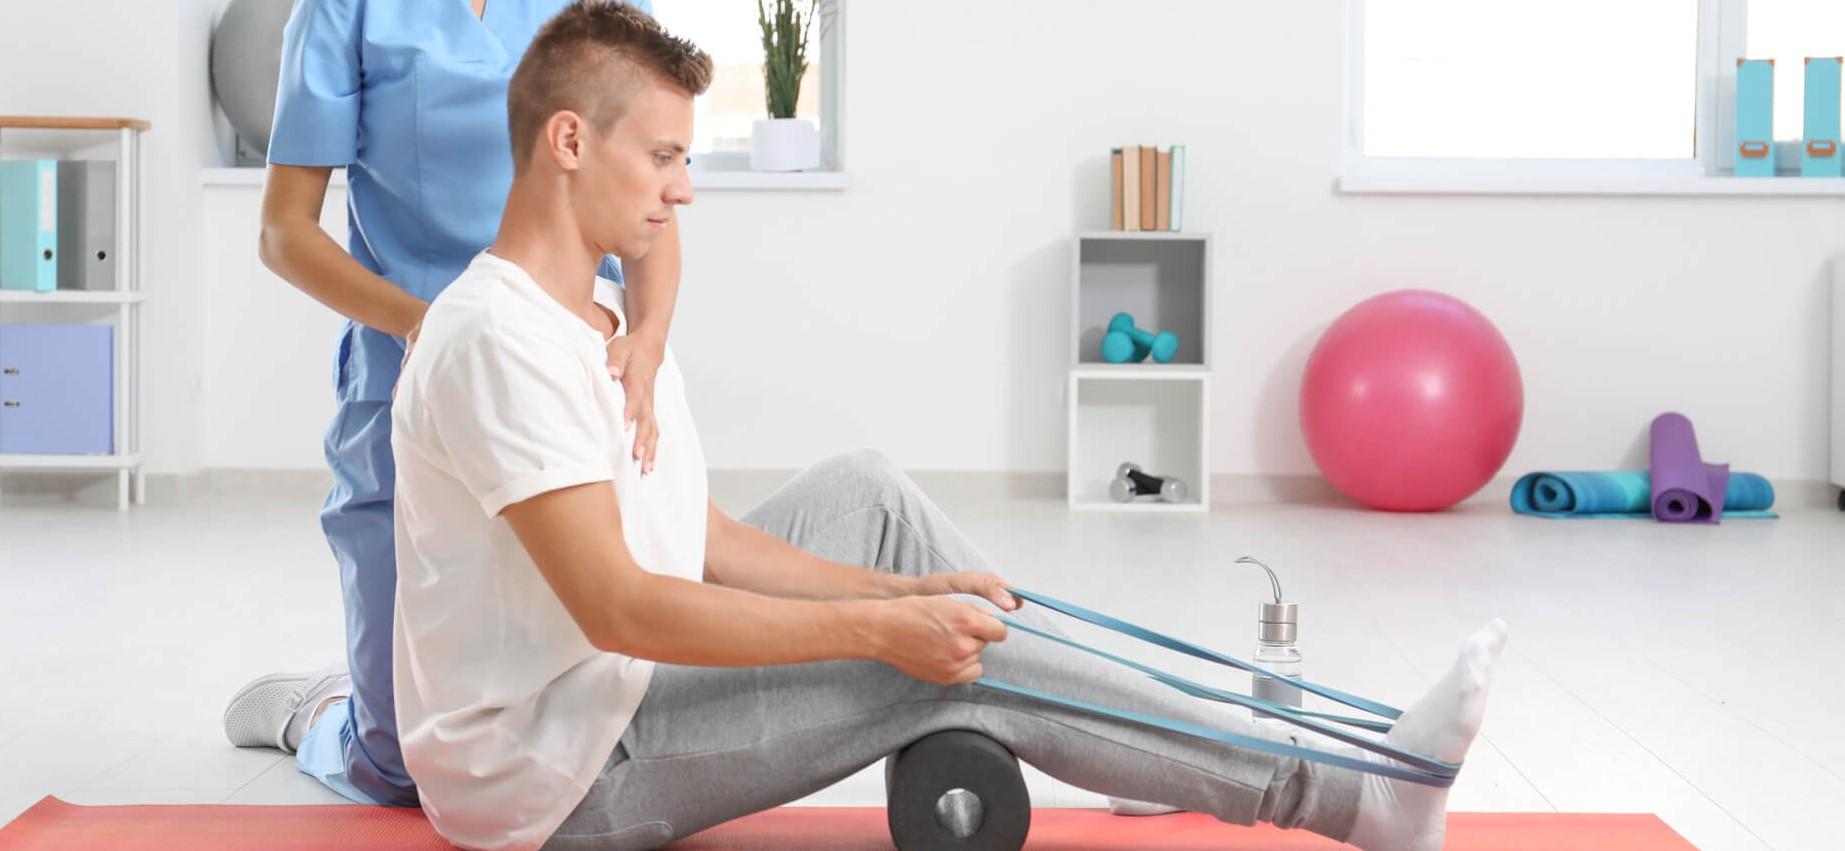 excercisetherapy